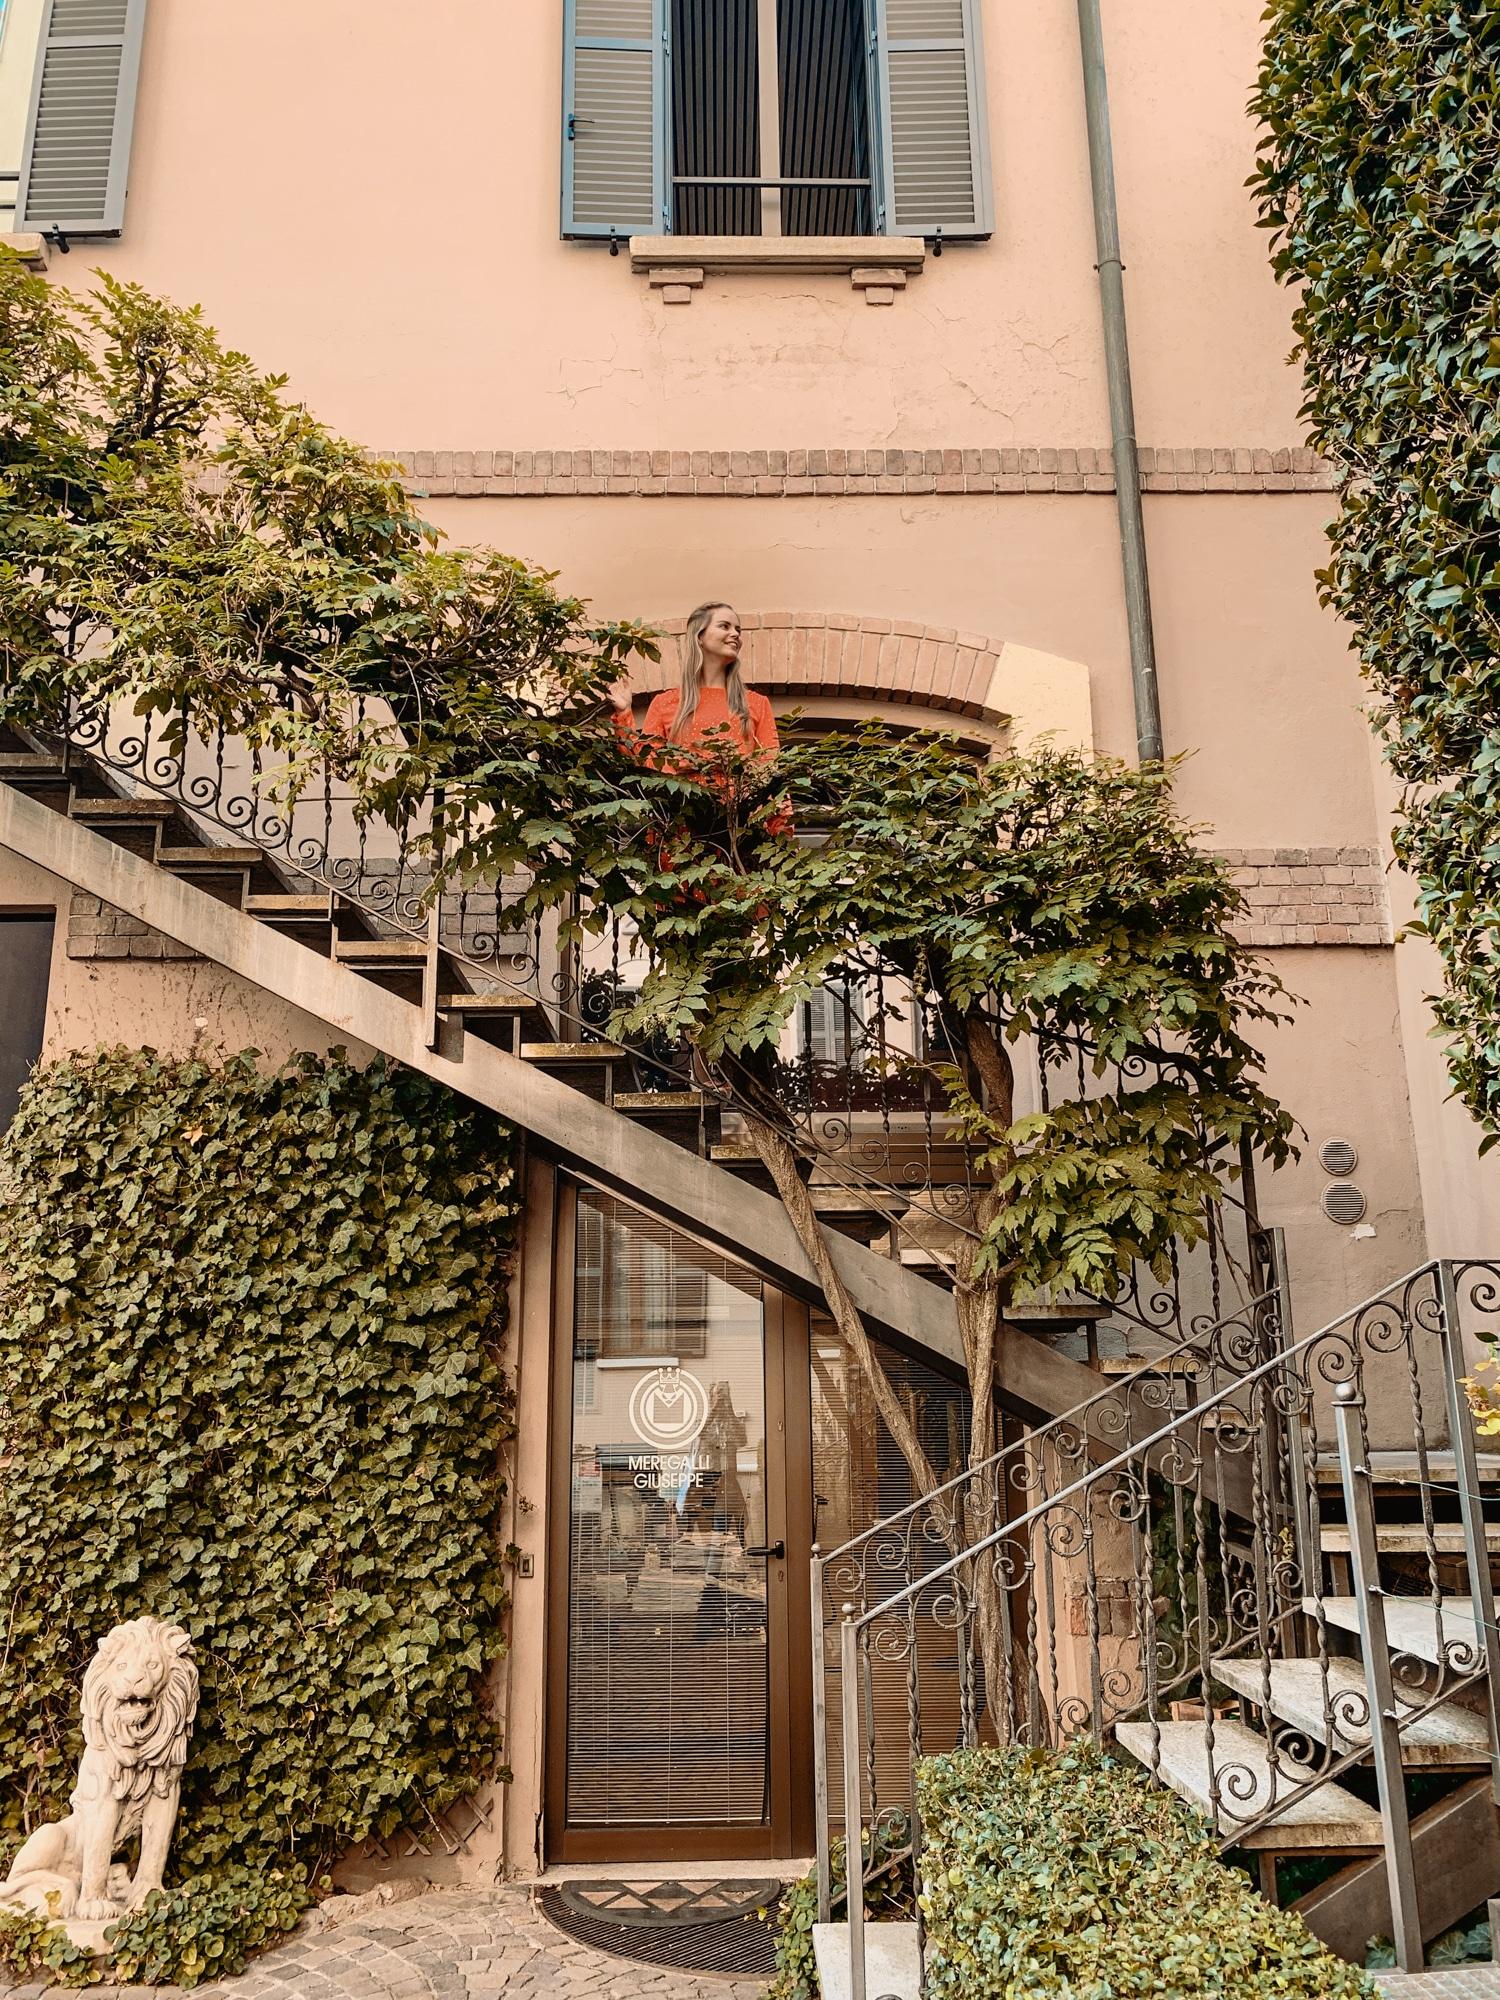 Monza und Brianza: Sehenswürdigkeiten und Highlights in der Lombardei